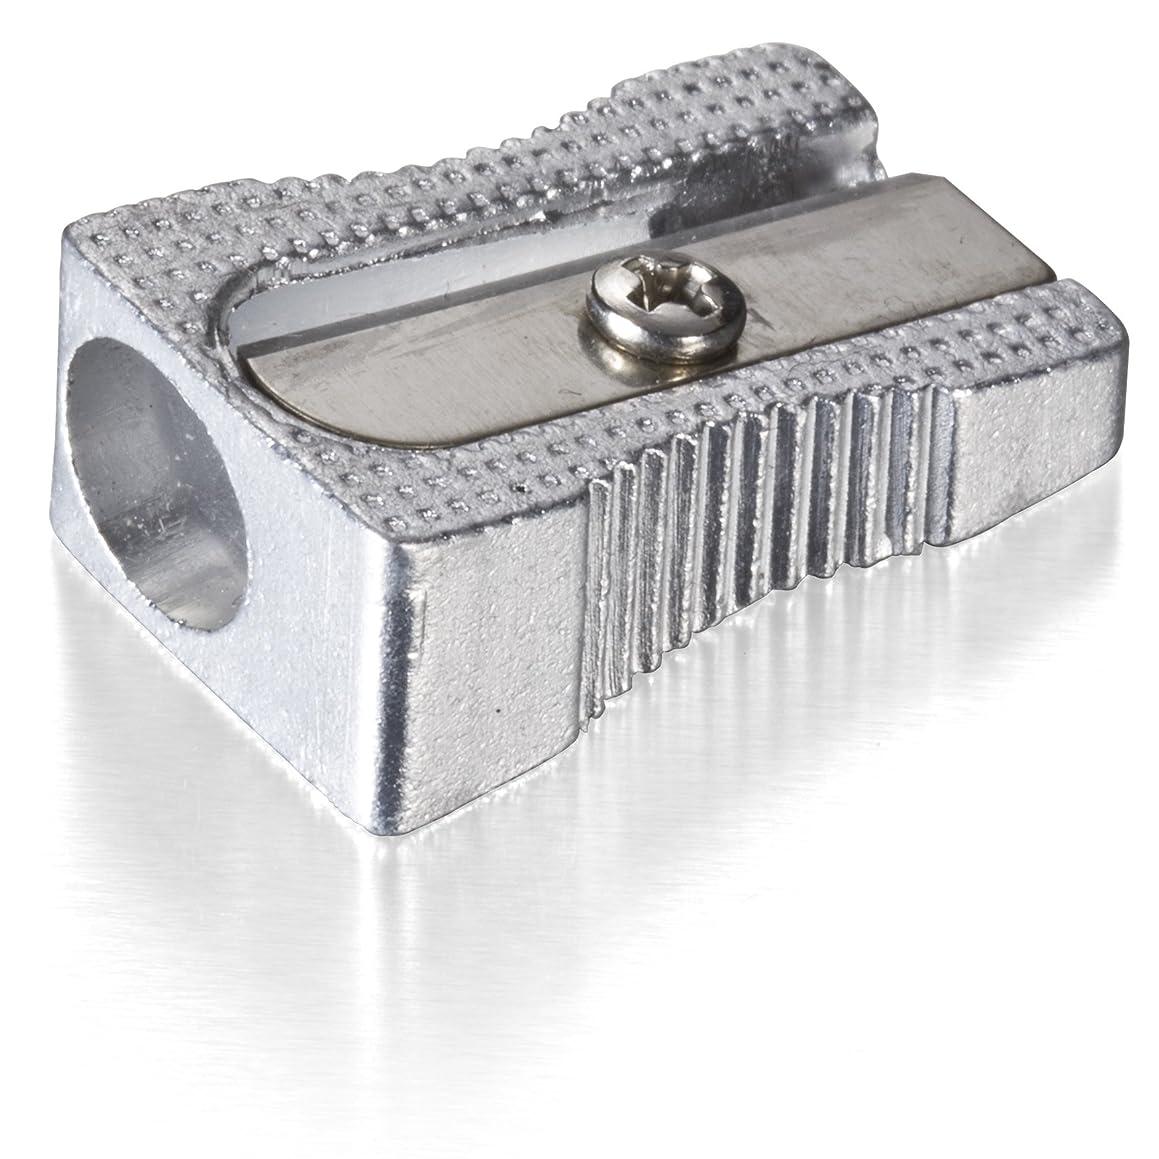 OfficemateOIC Achieva Aluminum Pencil Sharpener, Silver, Pack of 12 (30233)